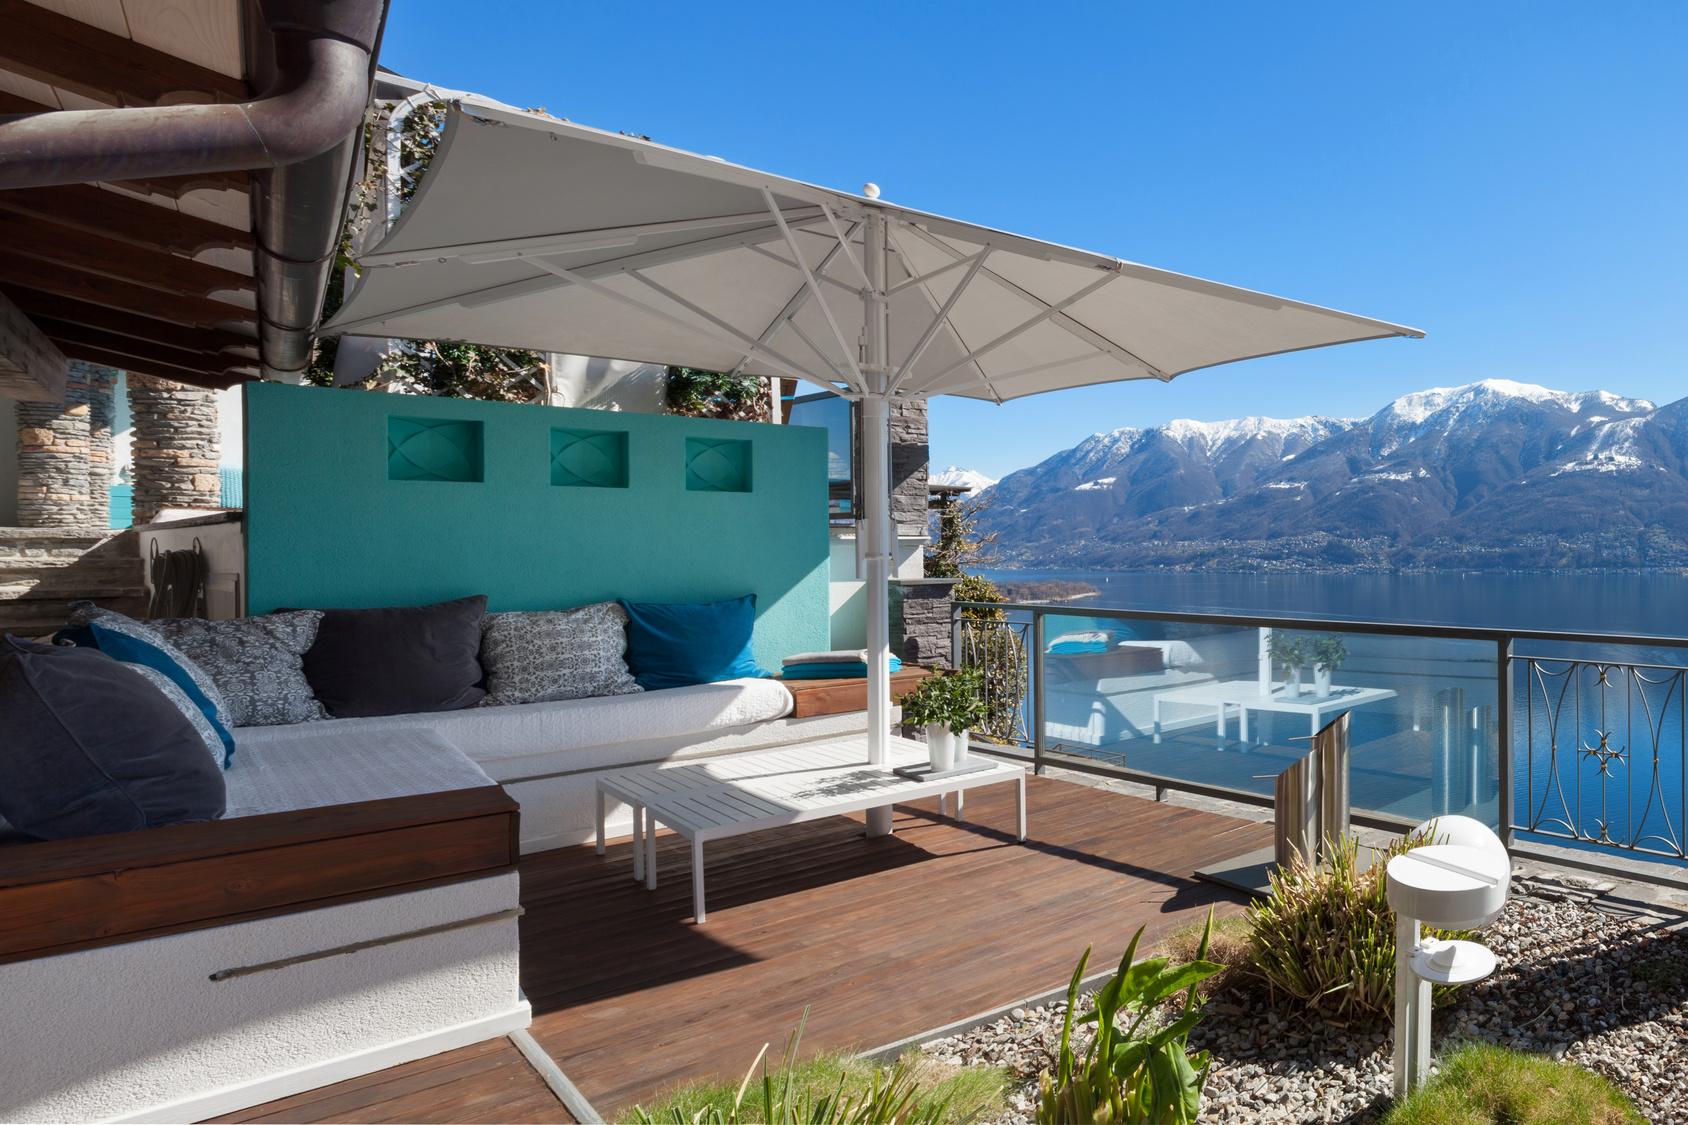 des id es de mobilier de jardin pour votre terrasse les conseils pour votre jardin de willemse. Black Bedroom Furniture Sets. Home Design Ideas